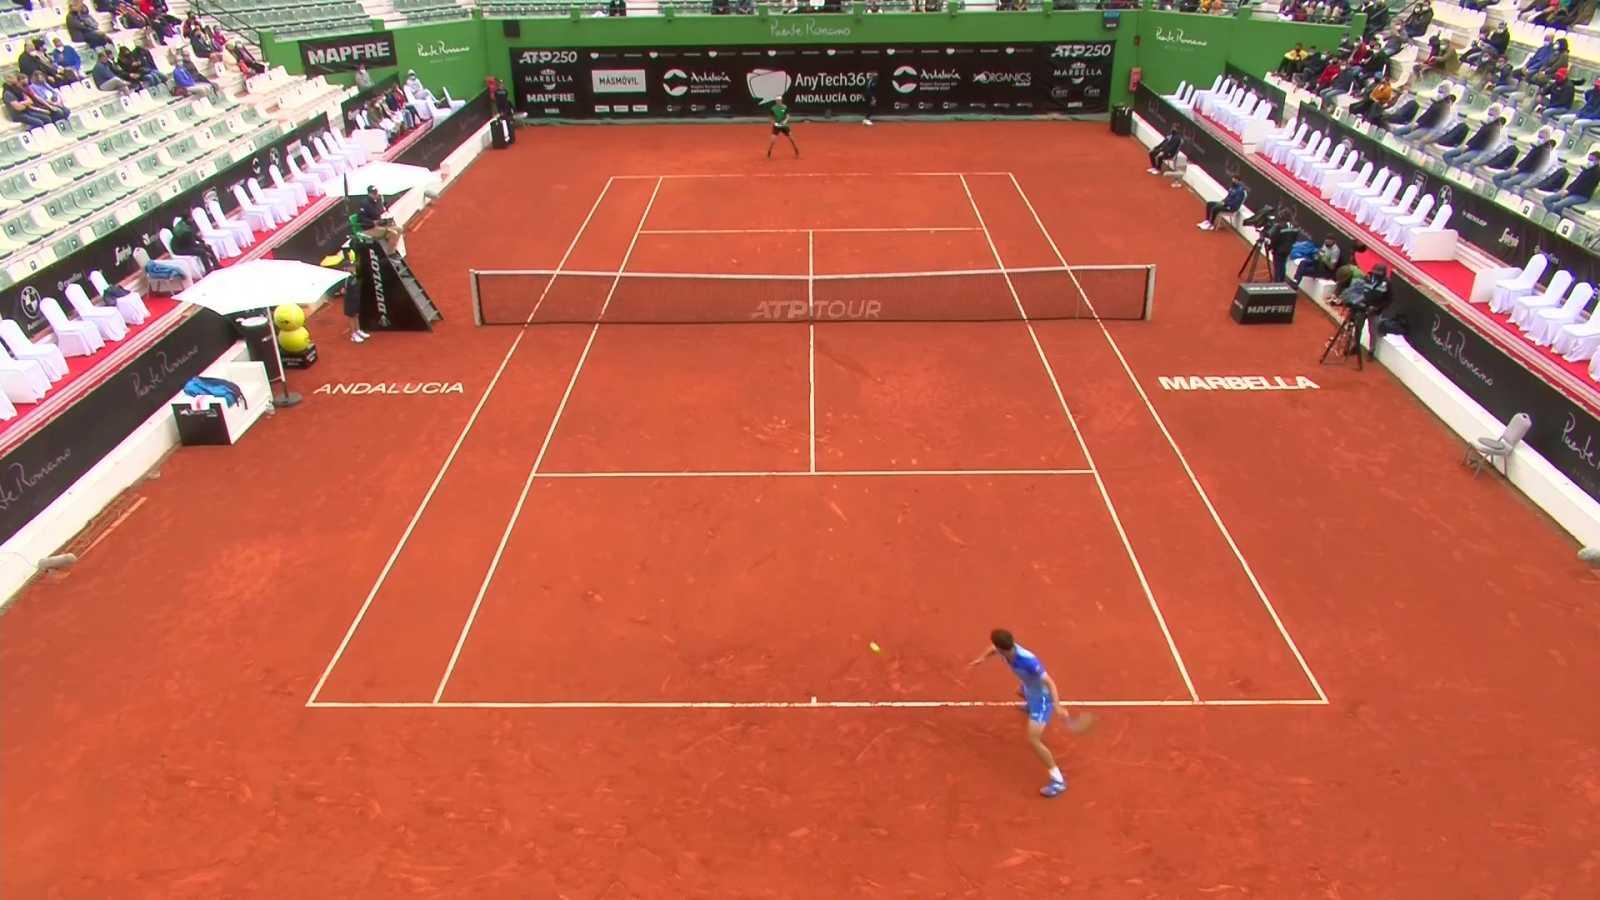 Tenis - ATP 250 Torneo Marbella, 1/4 final: Ramos-Vinolas - Gombos - ver ahora